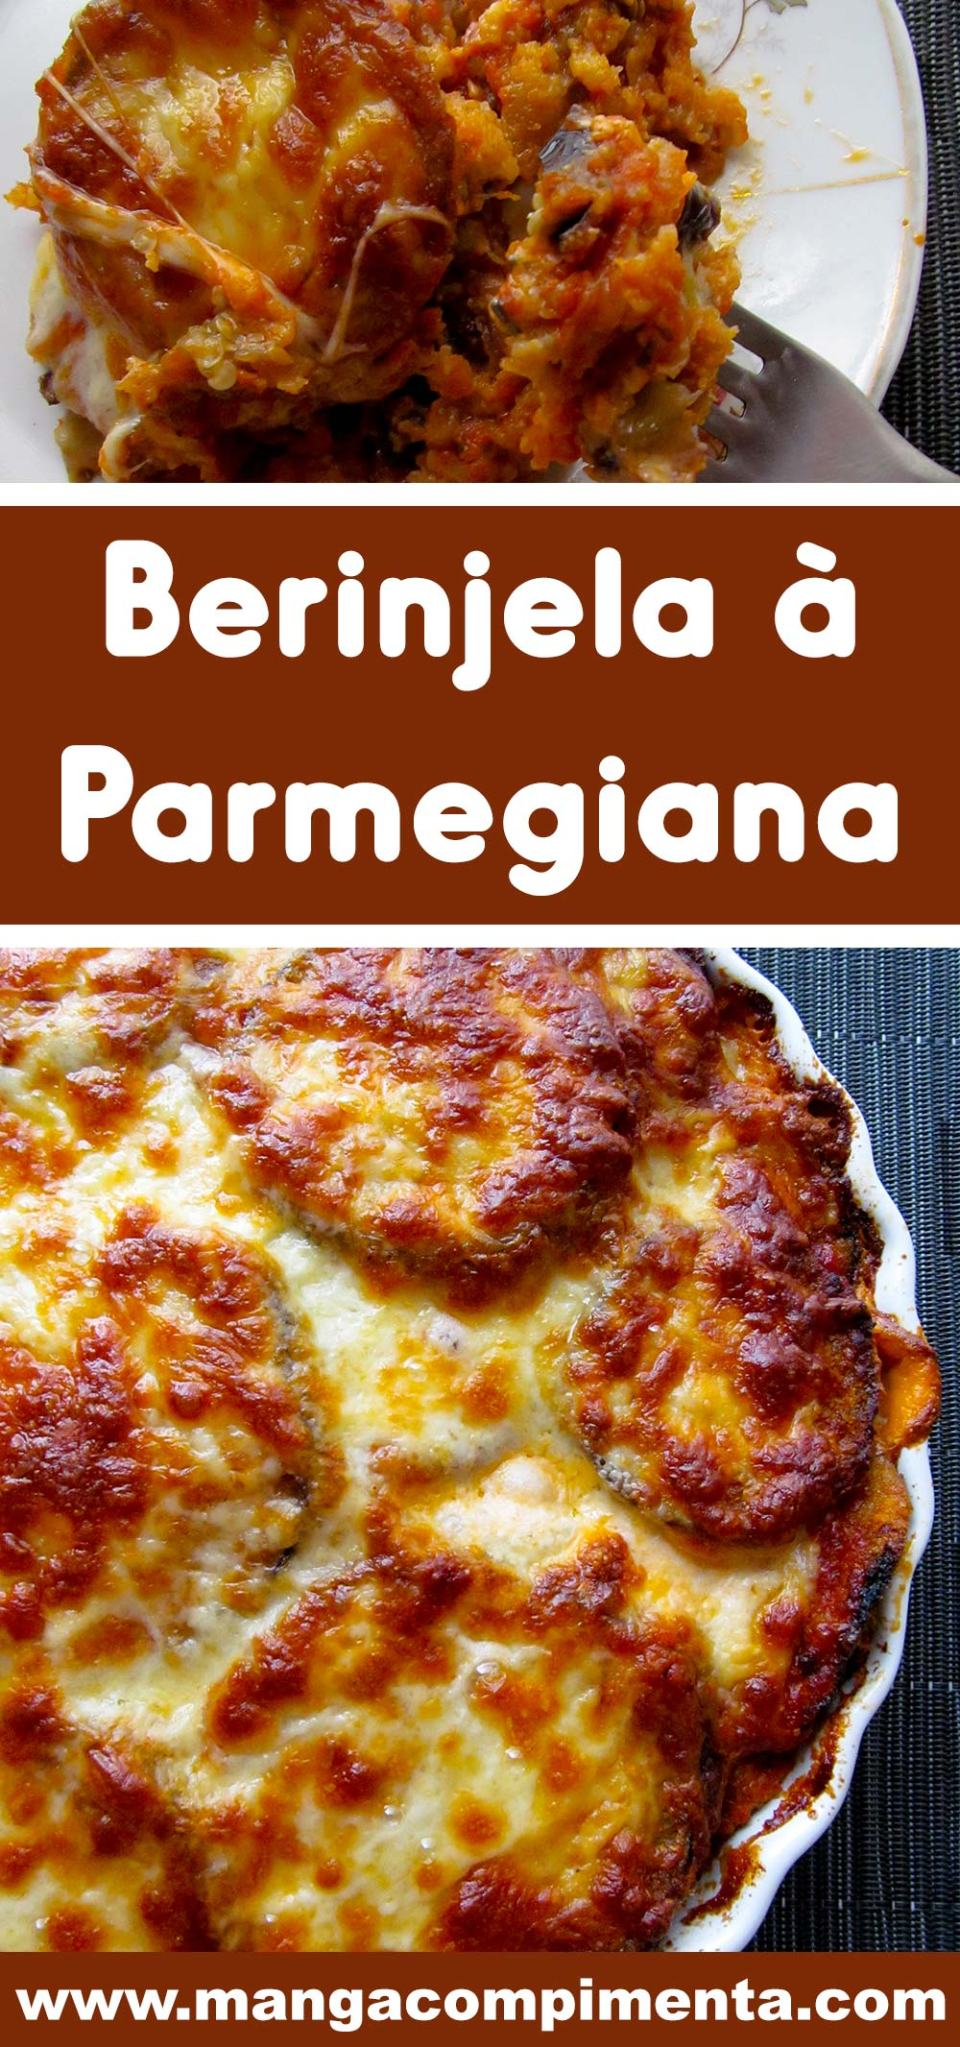 Berinjela à Parmegiana do Chefe Buddy Valastro - um verdadeiro almoço.